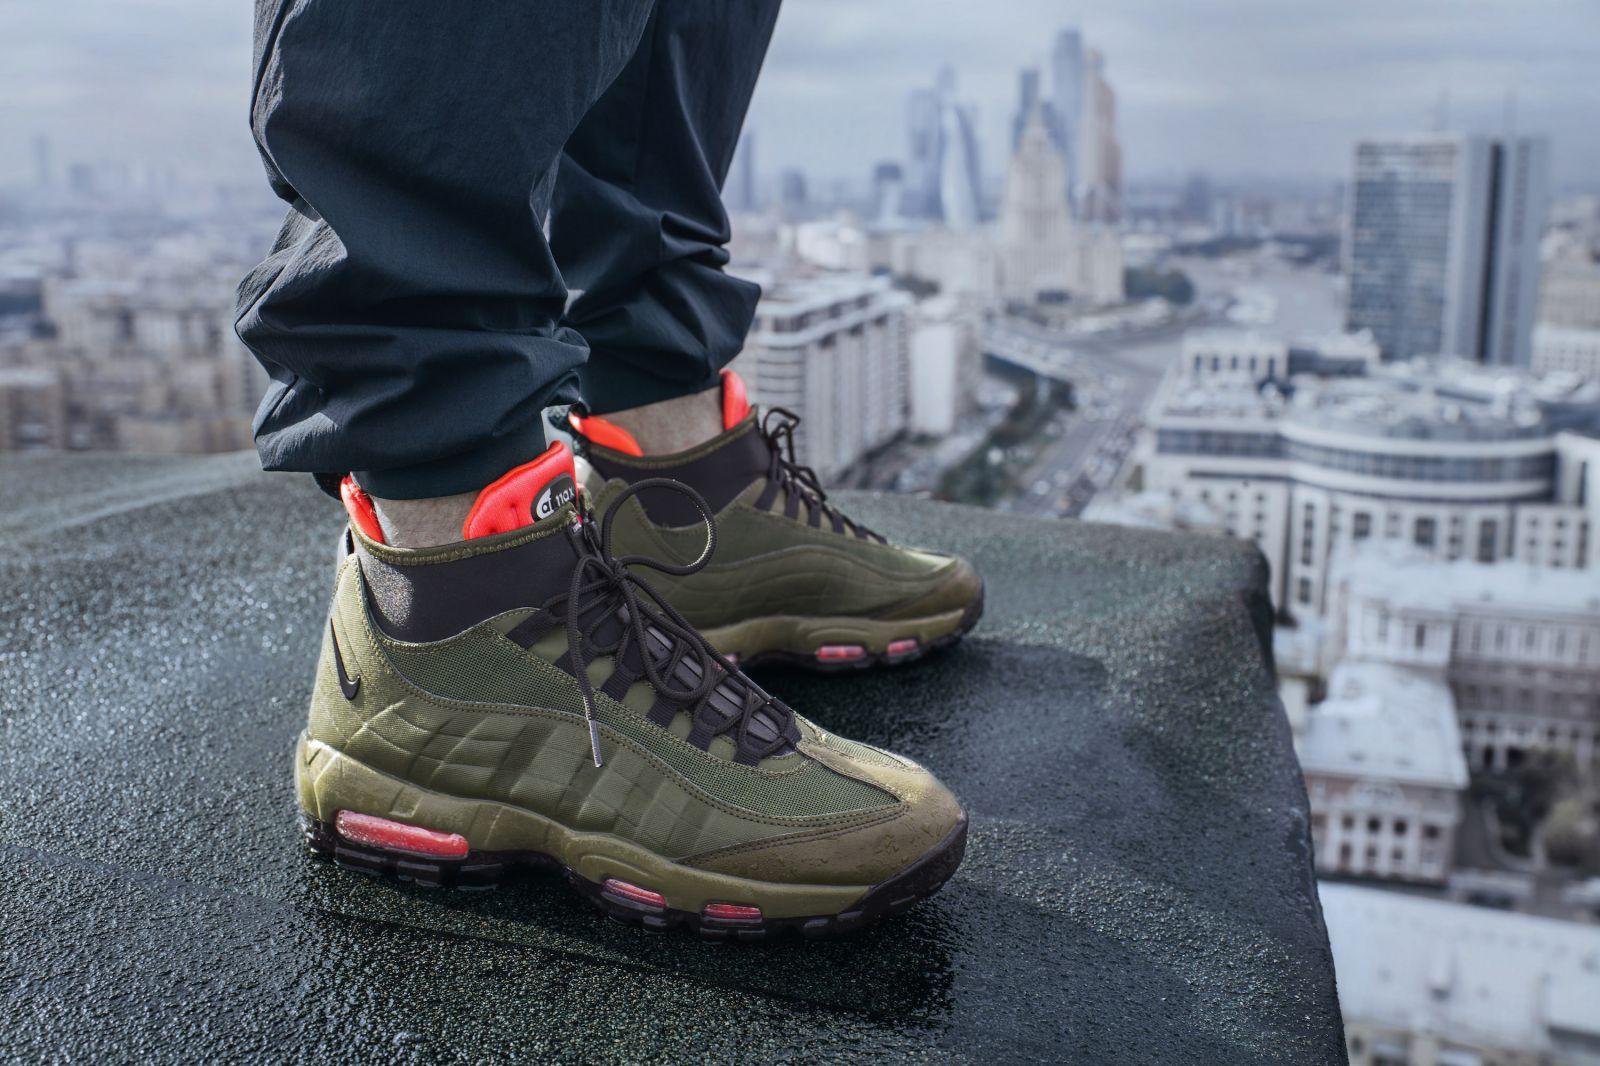 647861b4 Производители кроссовок стремятся создать универсальные модели, визуально  напоминающие симбиоз ботинок и мужских туфлей.